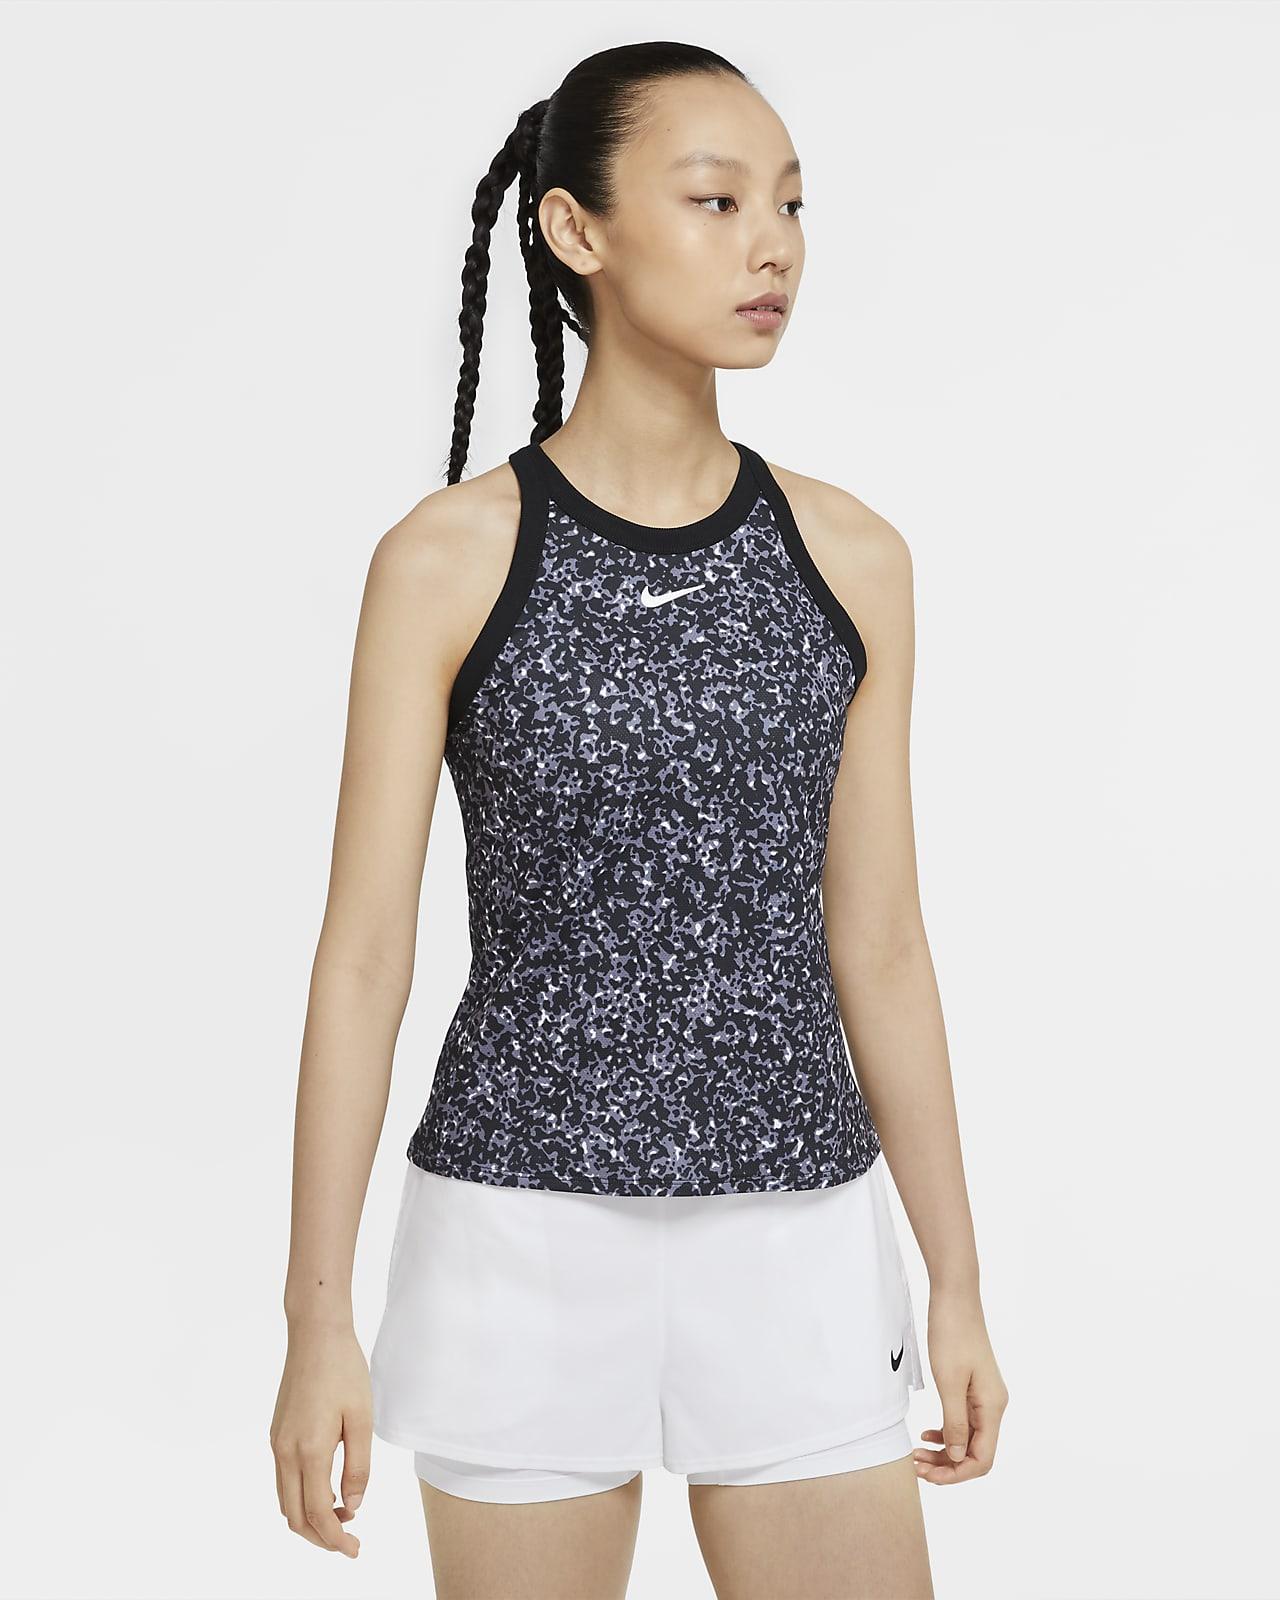 NikeCourt Dri-FIT Camiseta de tirantes de tenis con estampado - Mujer